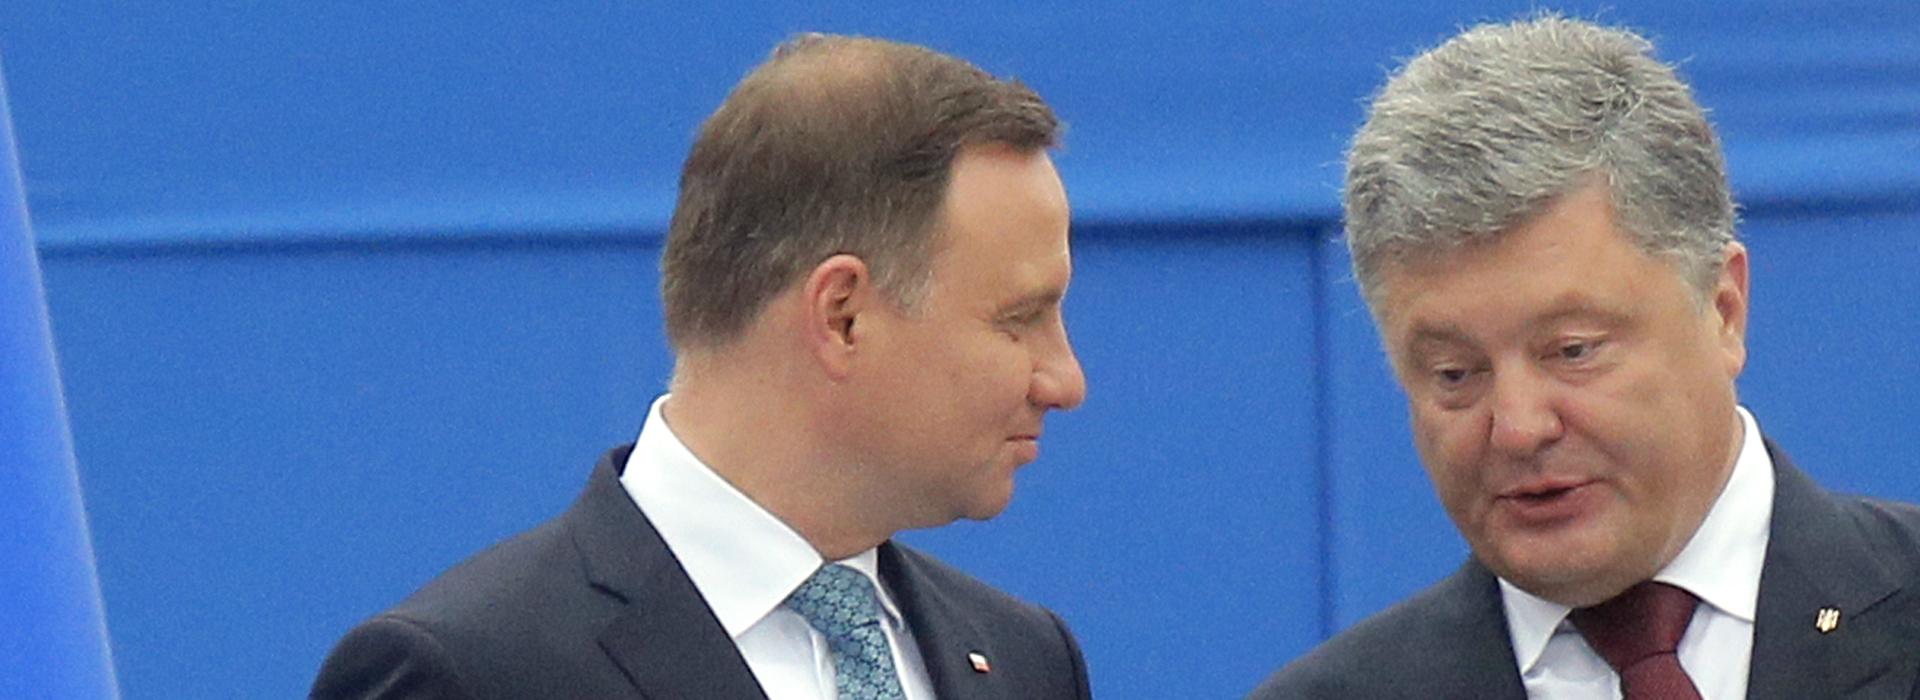 """""""Polska była, jest i będzie przy Ukrainie"""". Prezydenci Poroszenko i Duda zdeklarowali dalszą współpracę"""